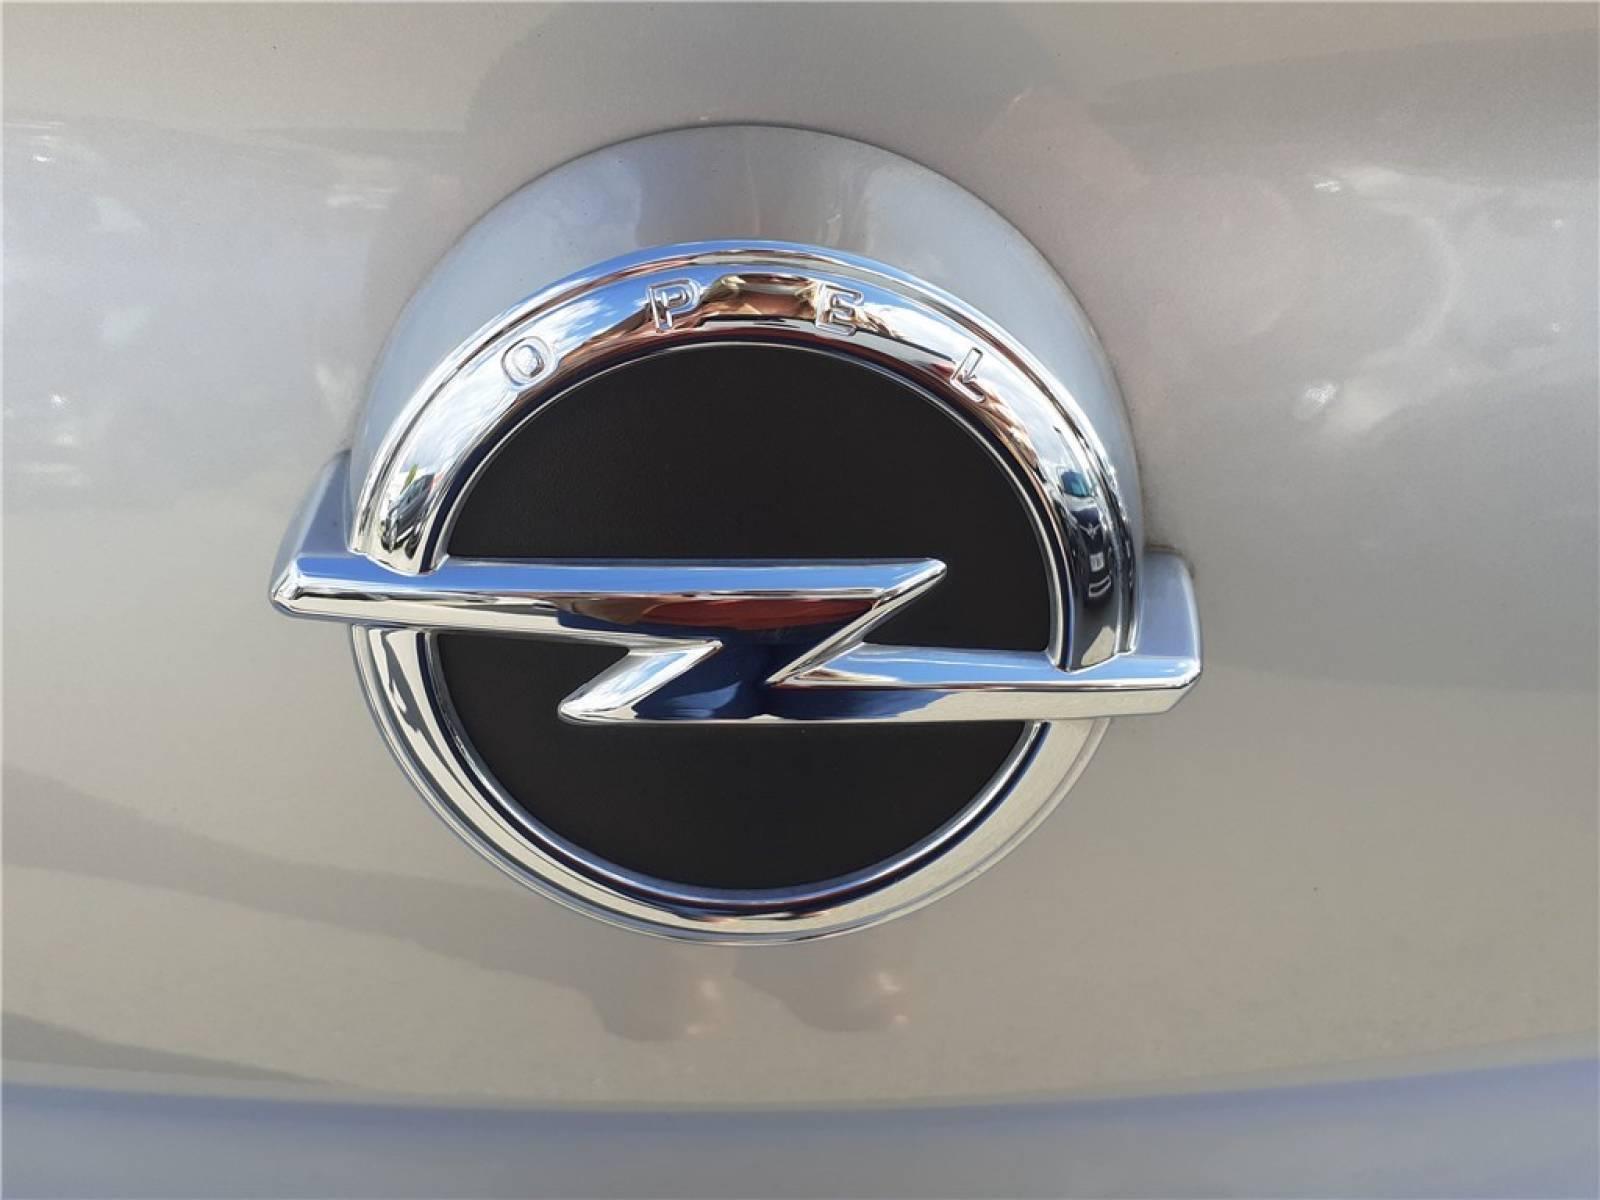 OPEL Corsa 1.4 90 ch - véhicule d'occasion - Groupe Guillet - Opel Magicauto - Chalon-sur-Saône - 71380 - Saint-Marcel - 5